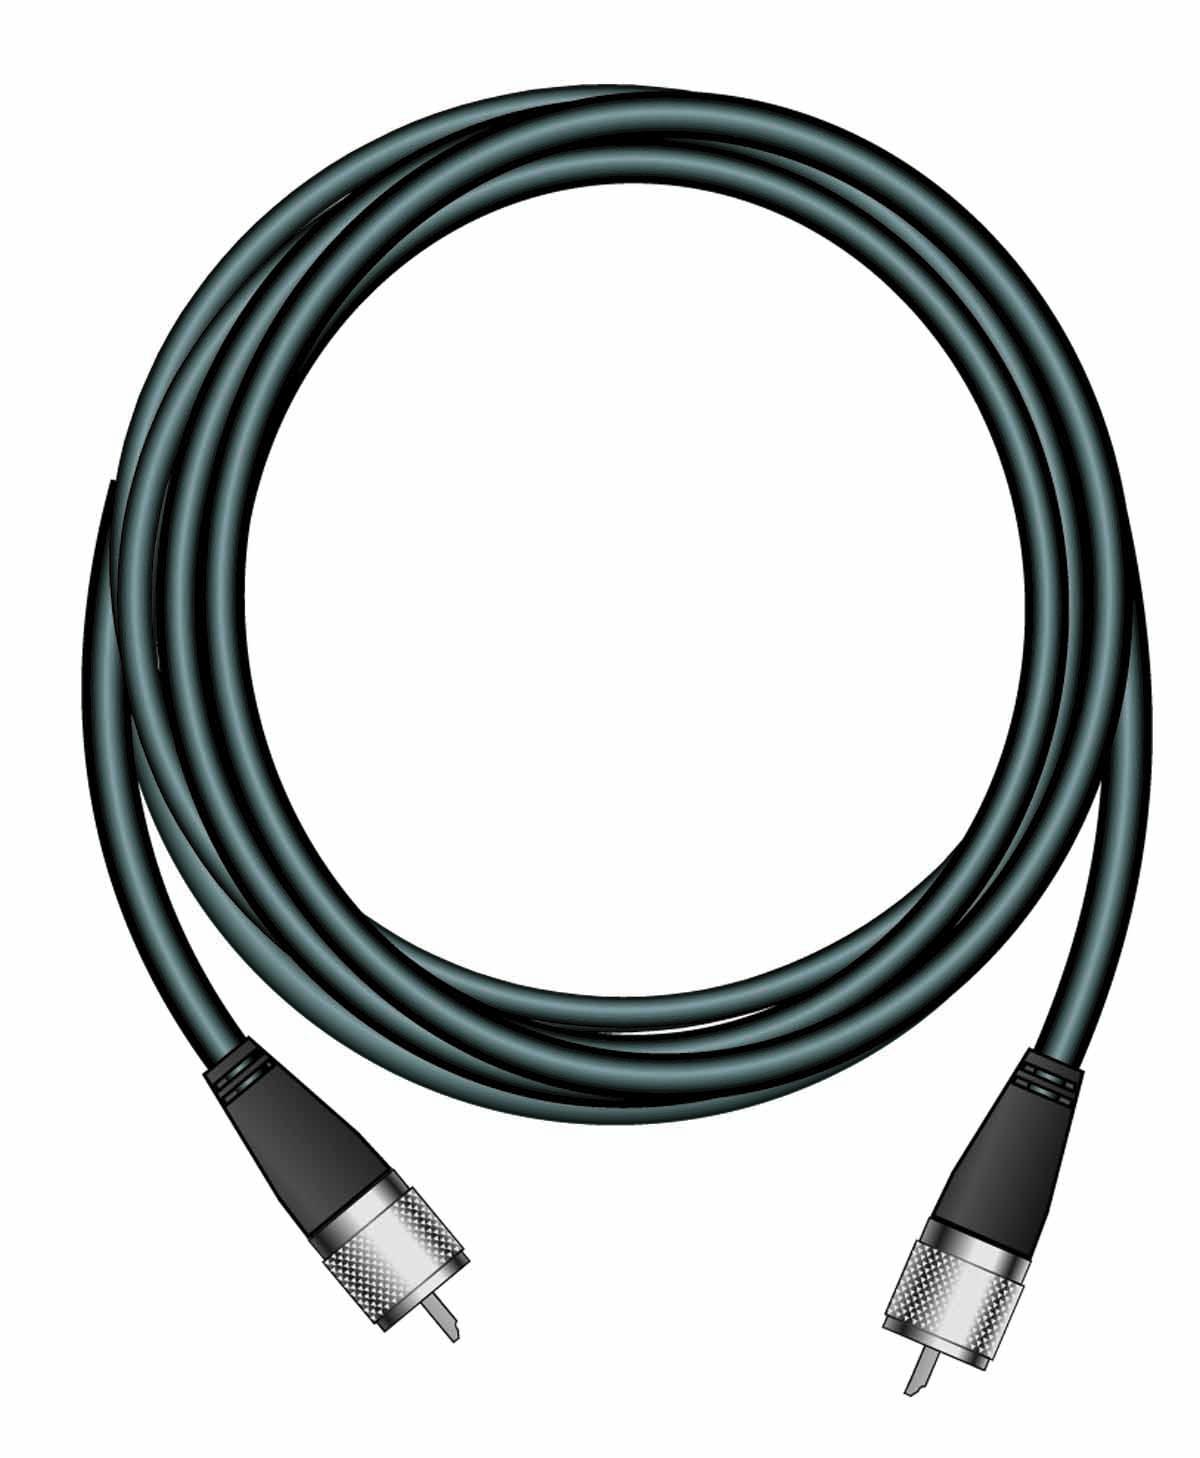 R8A - Firestik 9' Rg58A/U Coax Cable With PL259 Connectors